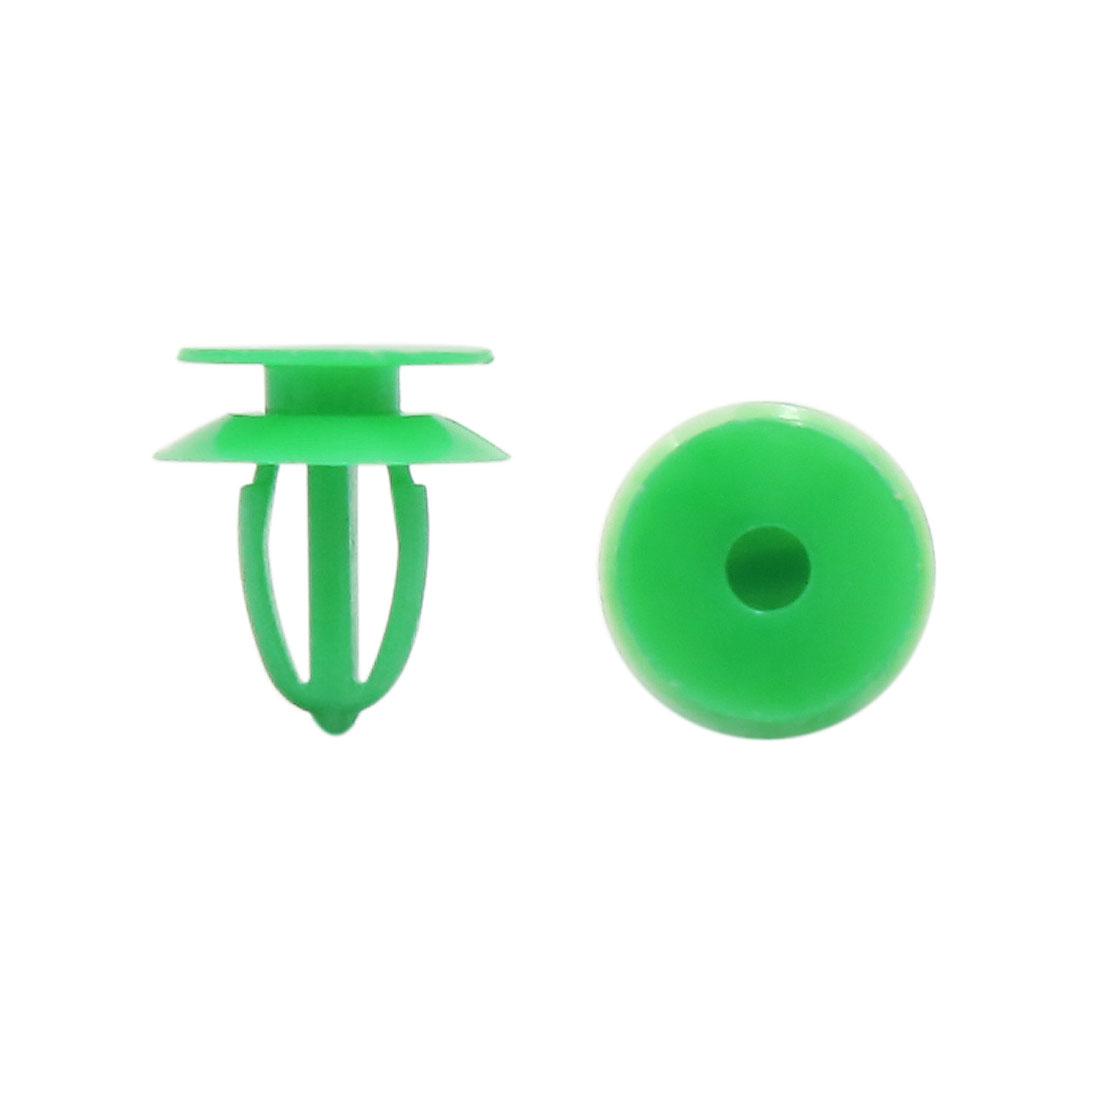 9mm Hole Dia Plastic Clips Fastener Auto Car Door Expanding Rivets Green 20 Pcs